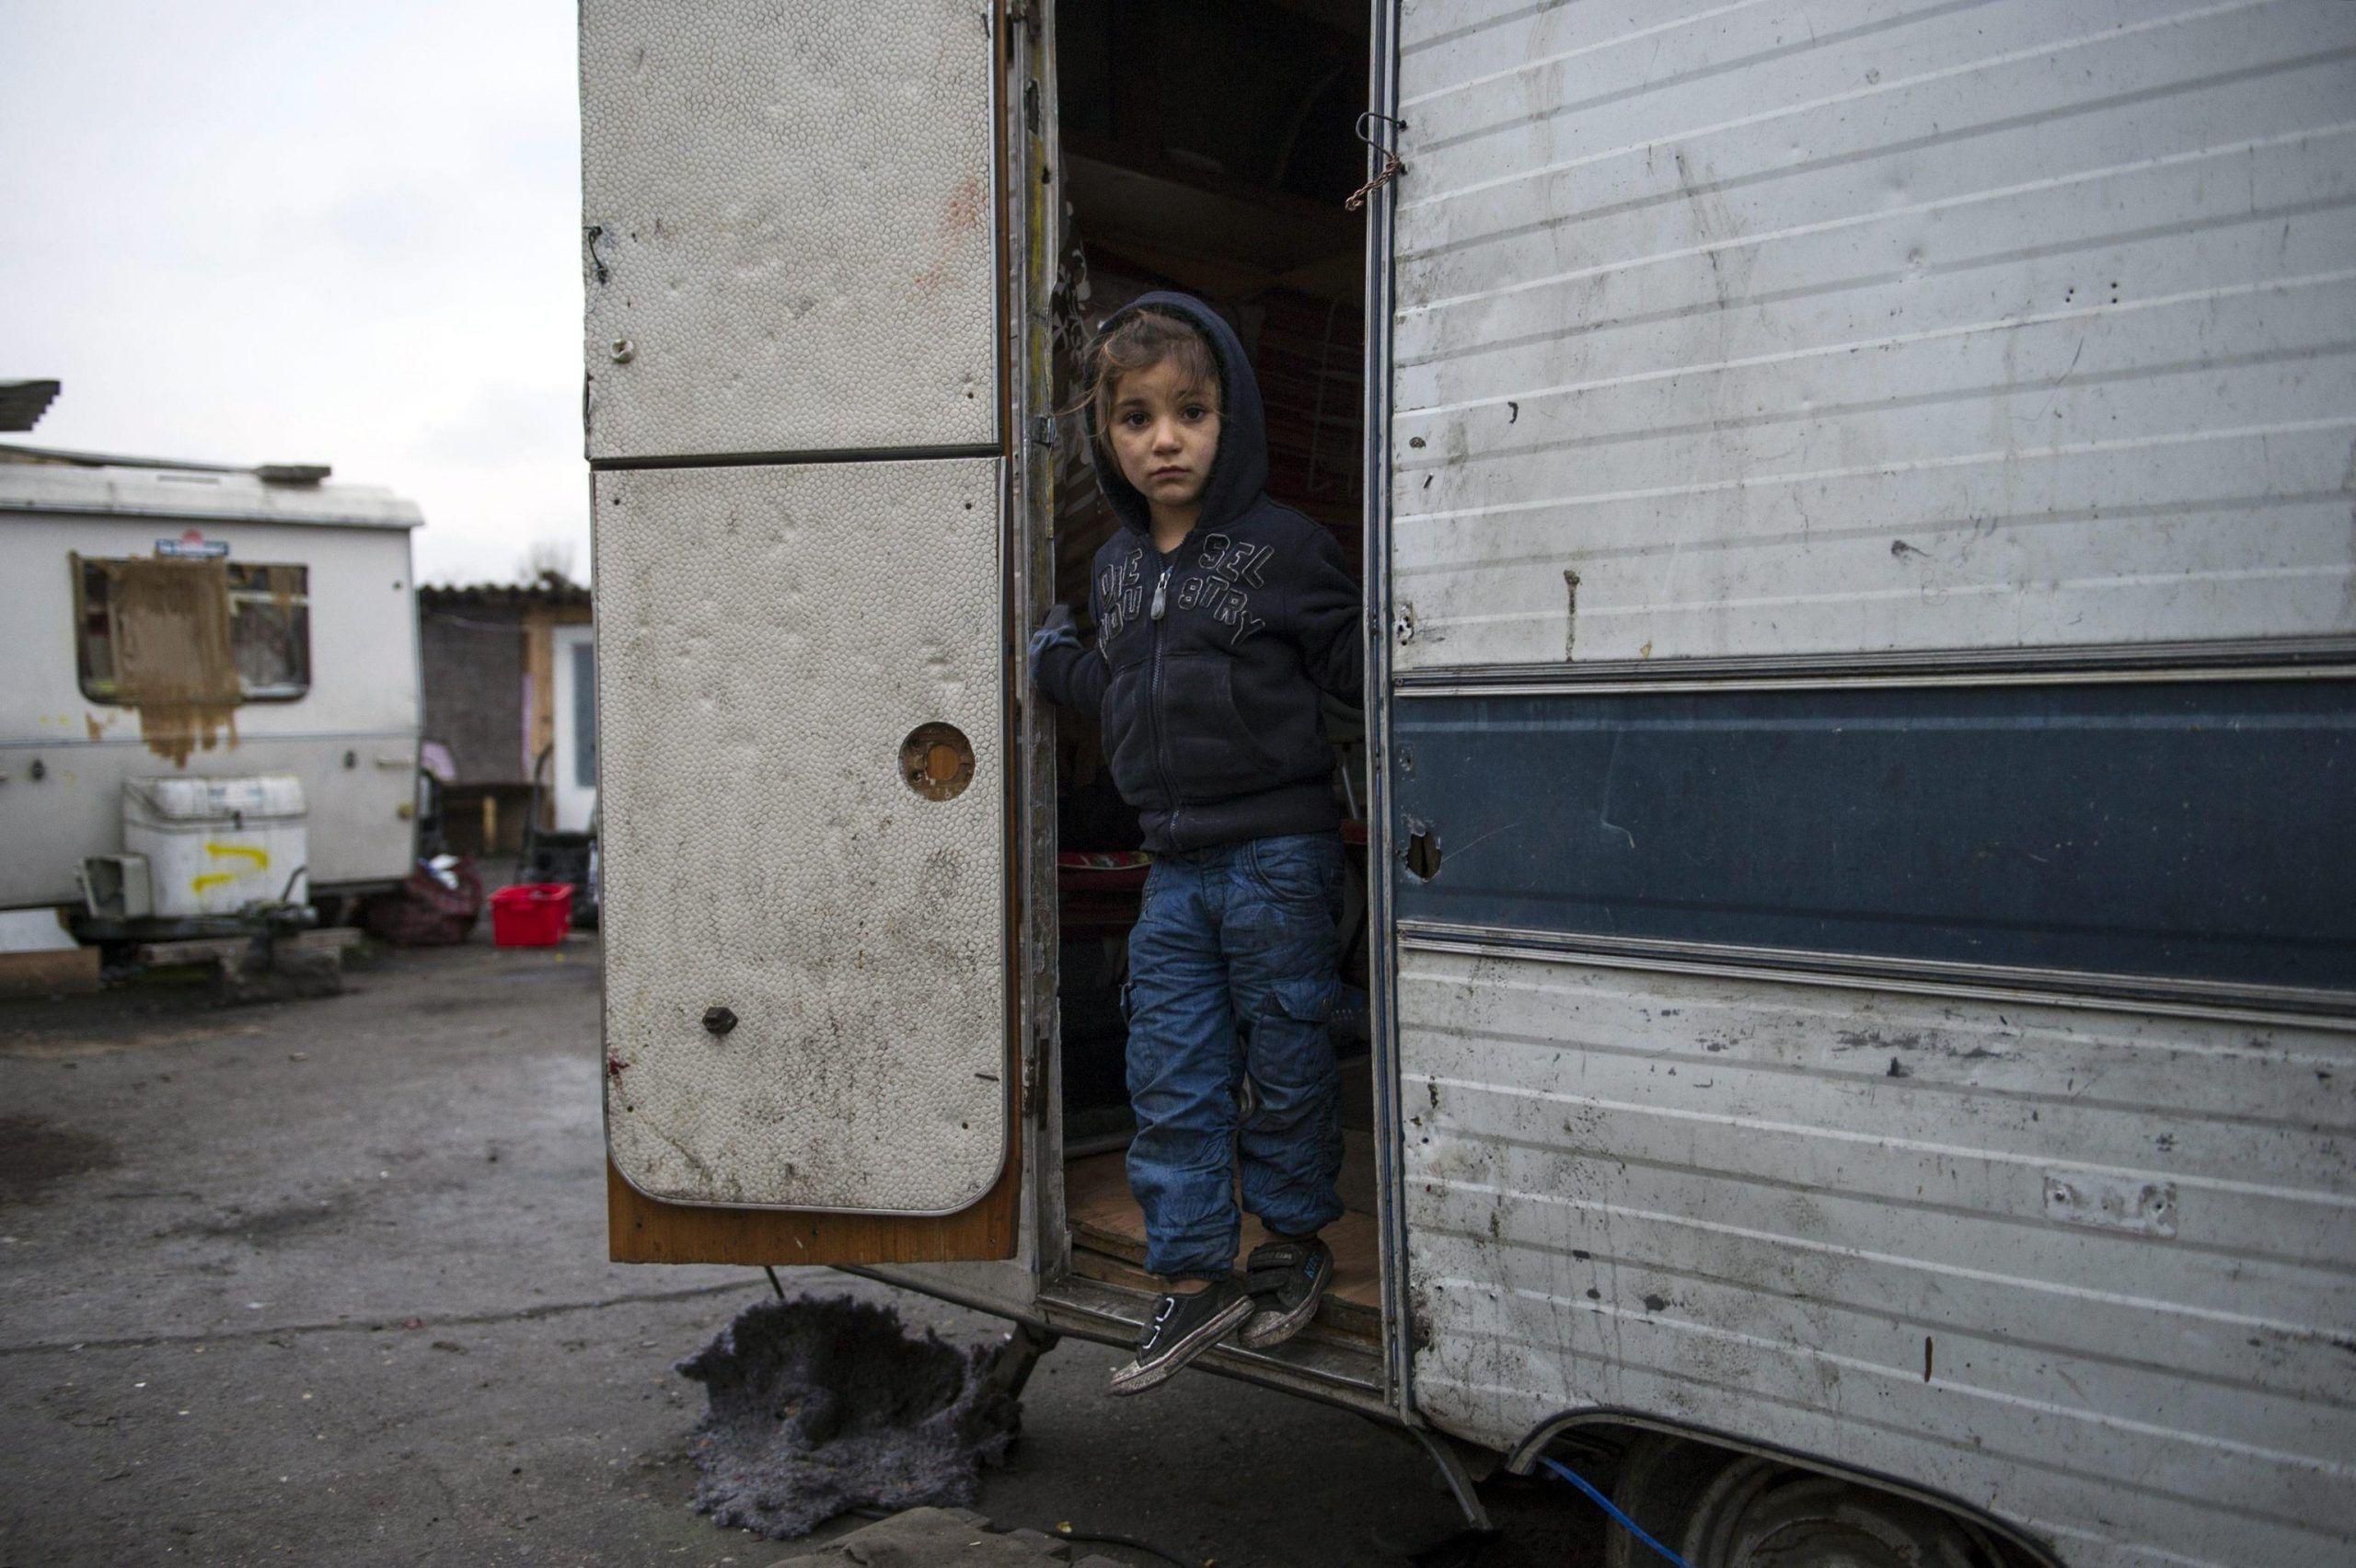 Giallo a Roma bambina rom ferita, un piombino è stato estratto dalla sua schiena